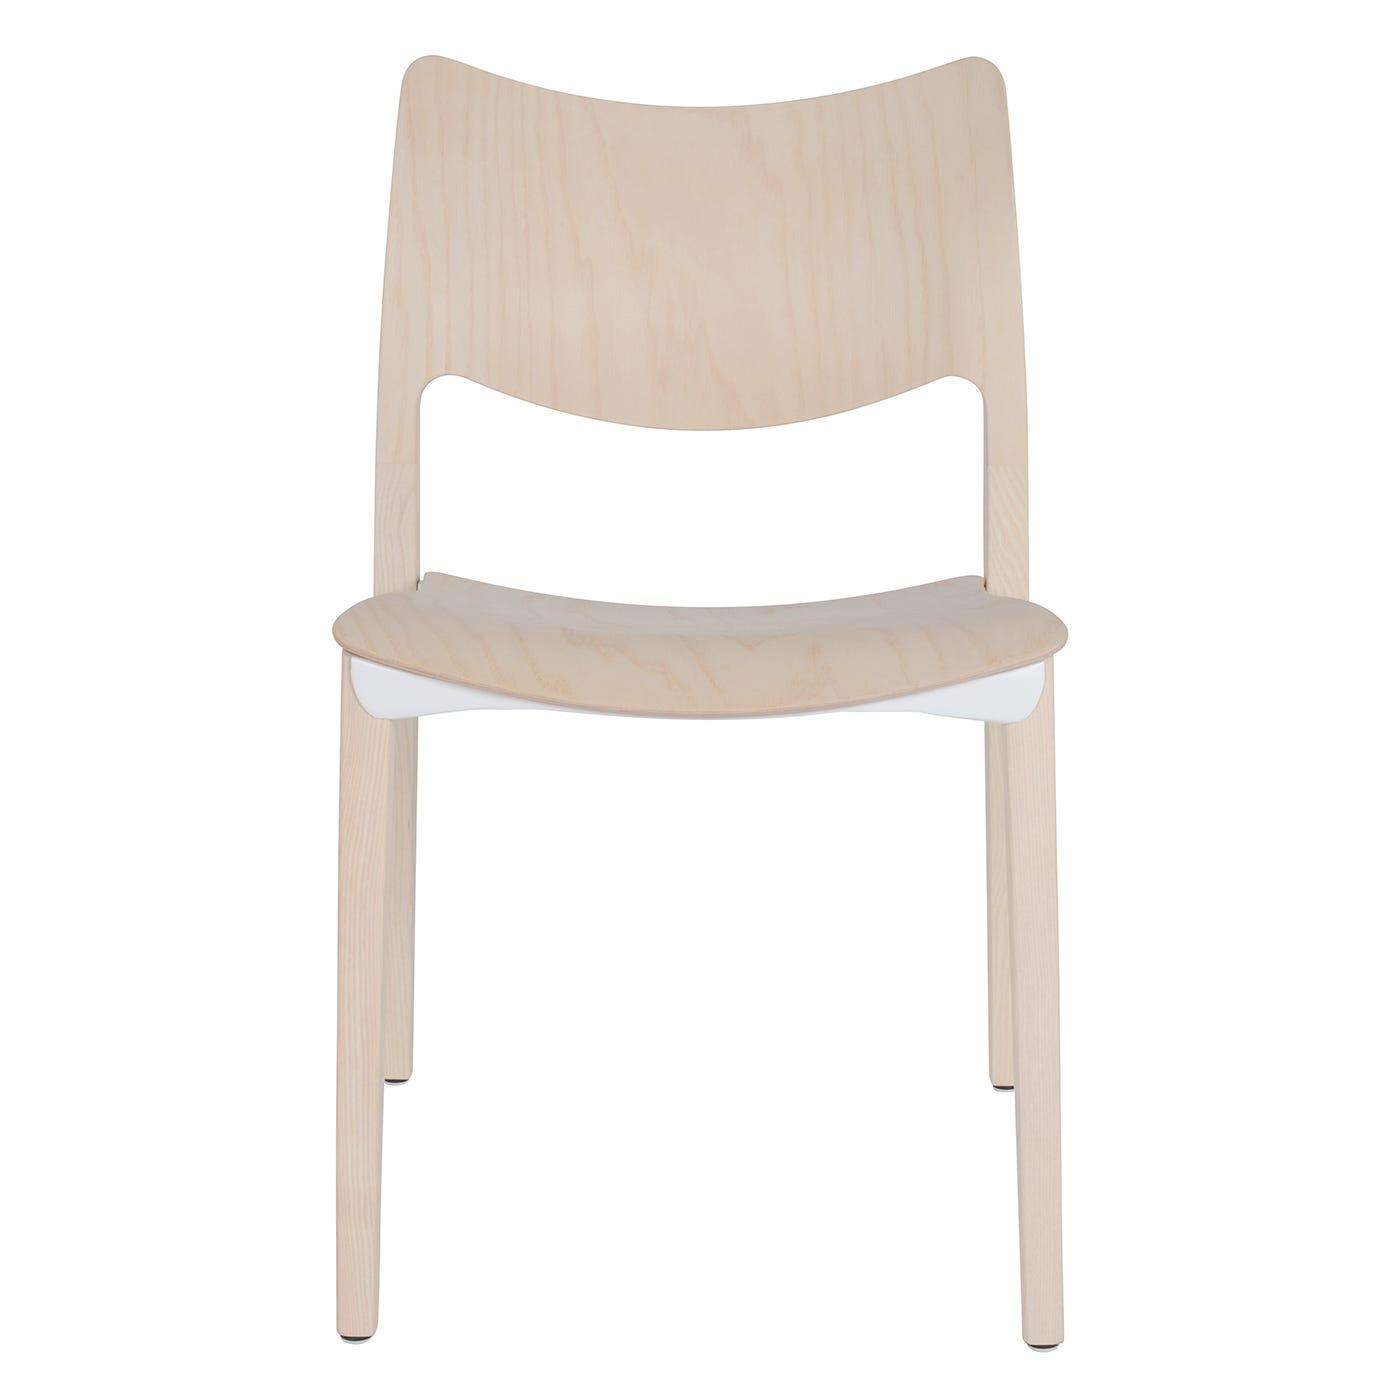 Laclasica Chair Ash